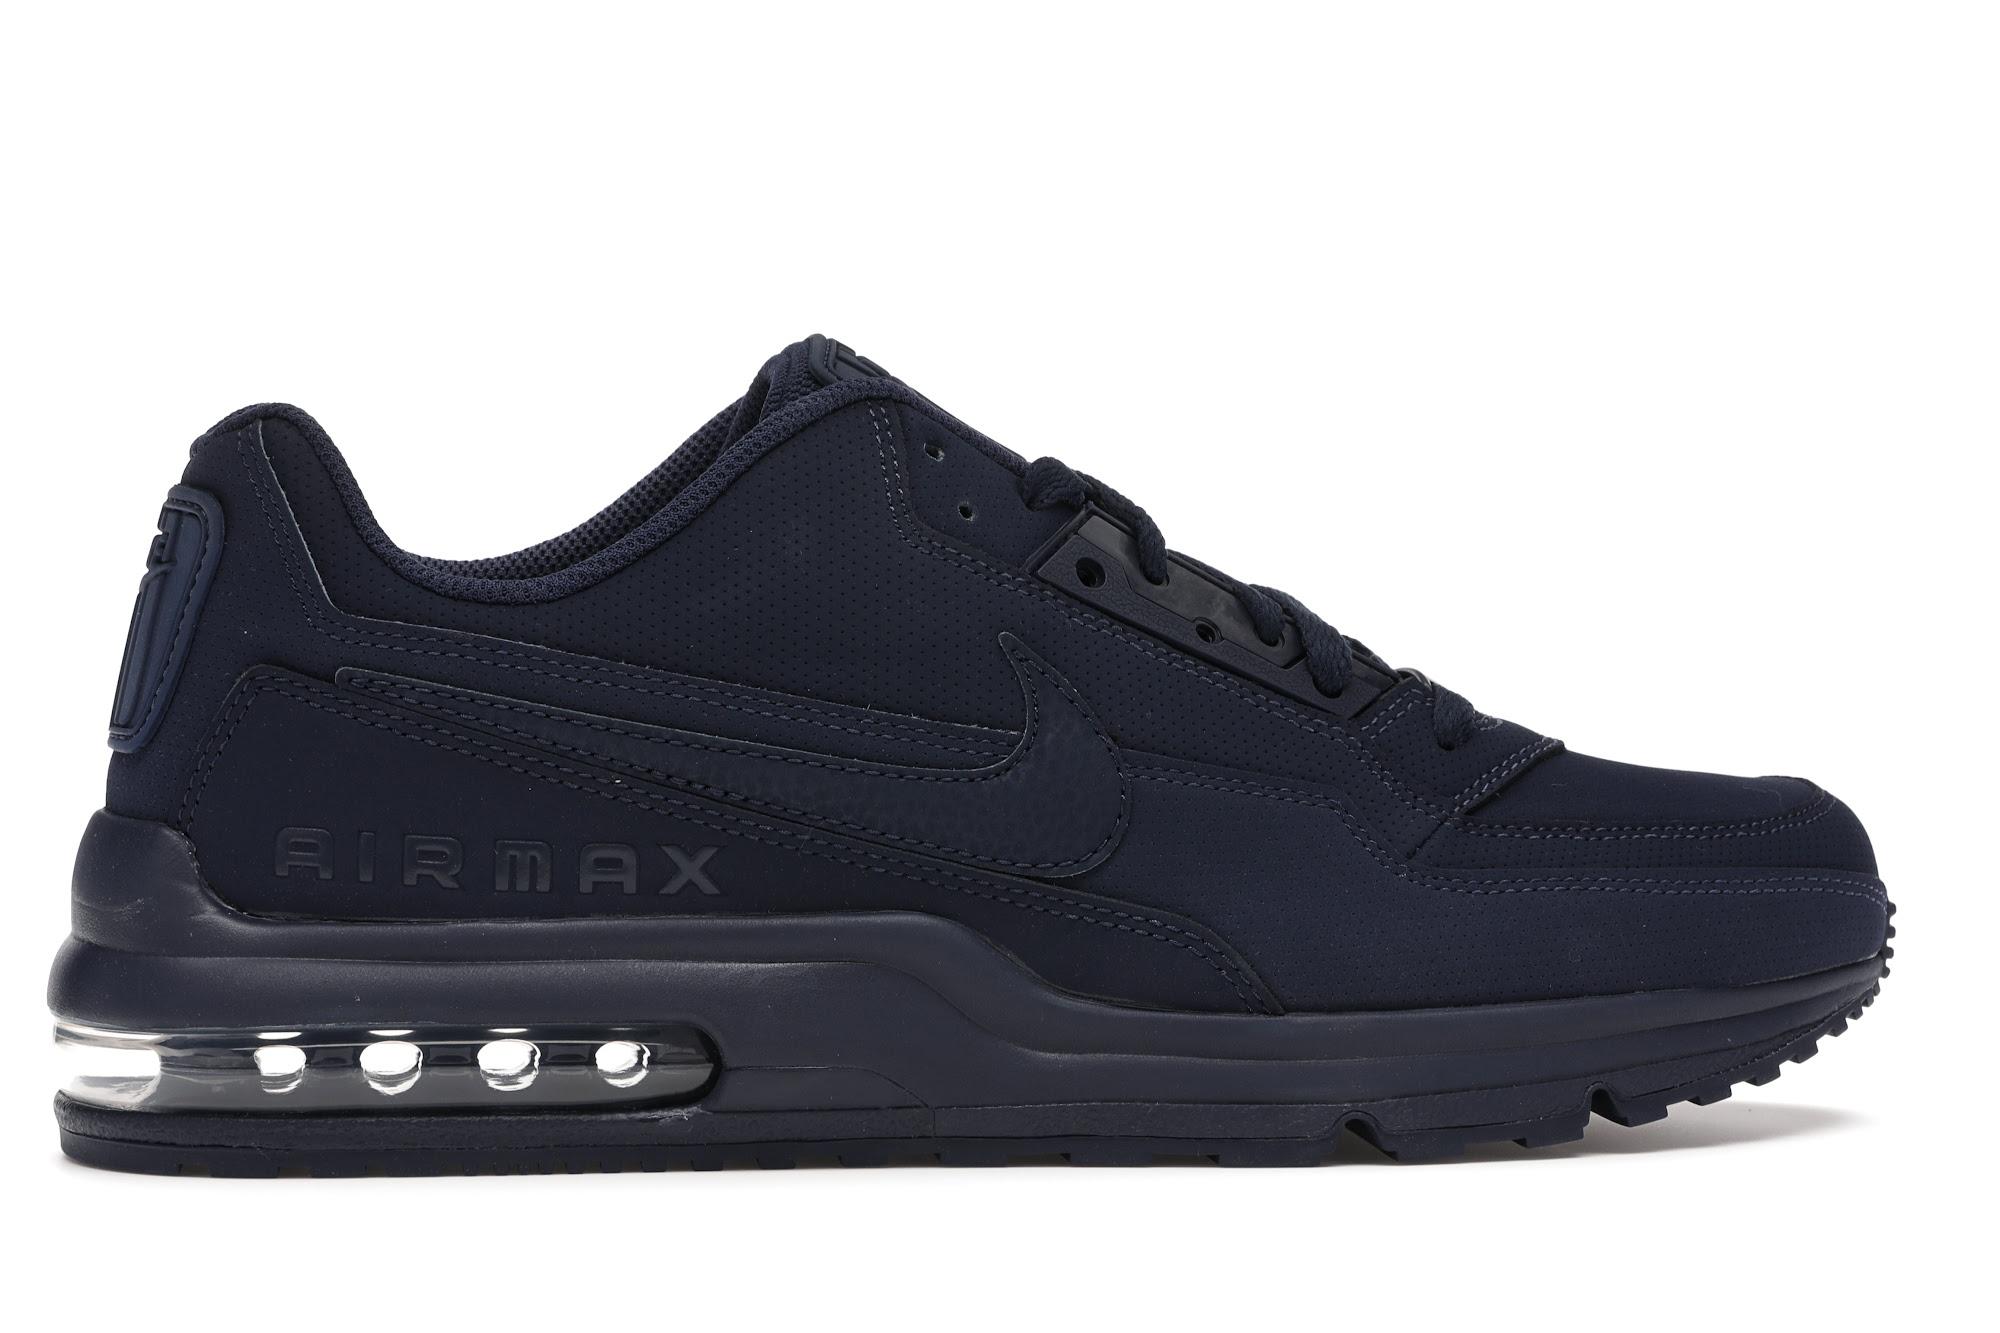 Nike Air Max Ltd 3 Midnight Navy/Midnight Navy